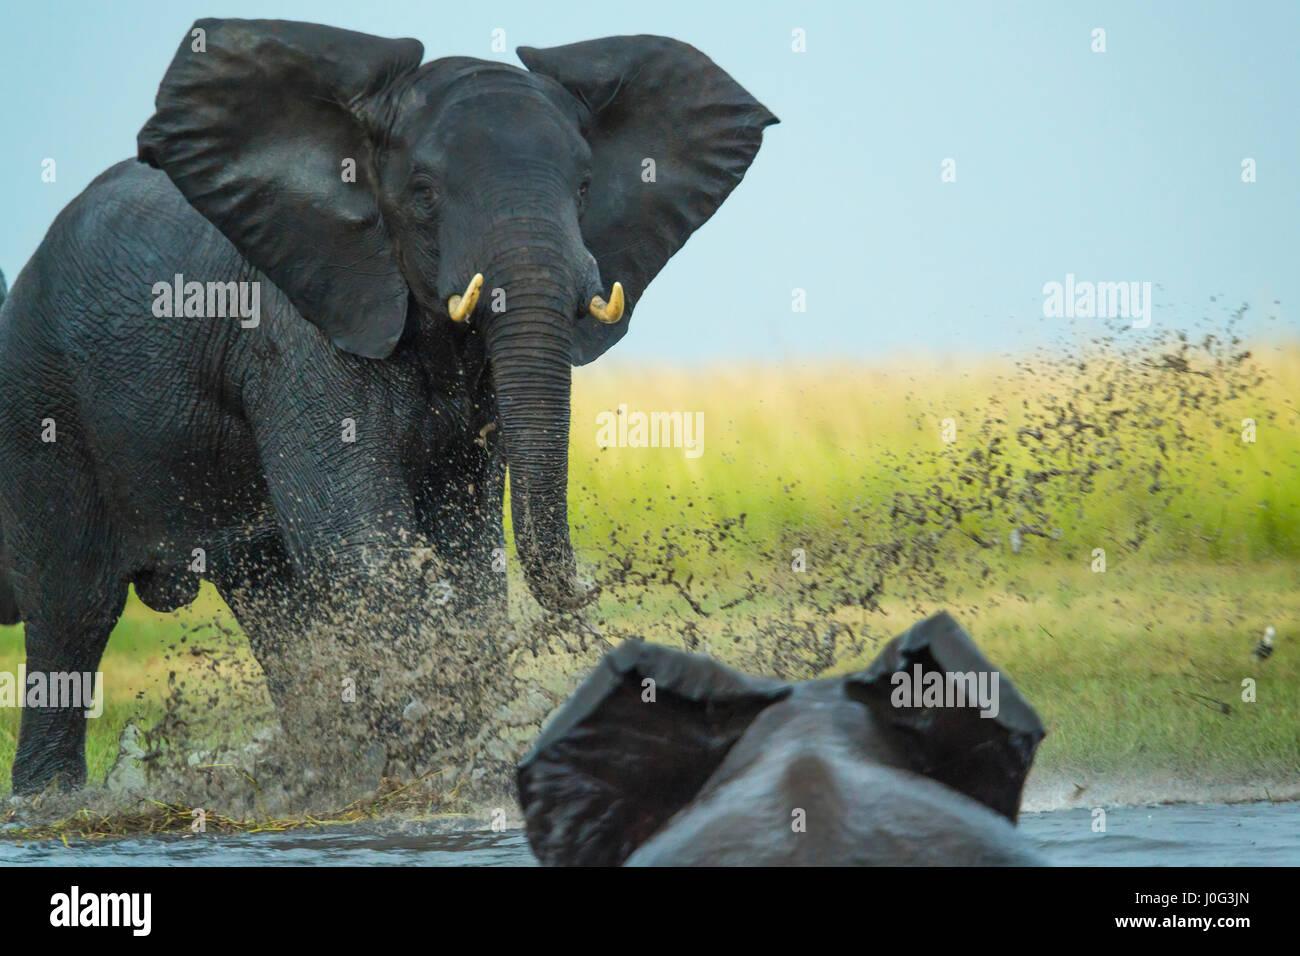 Elephant play charging other elephant, Chobe Nat Pk, Botswana, Africa - Stock Image